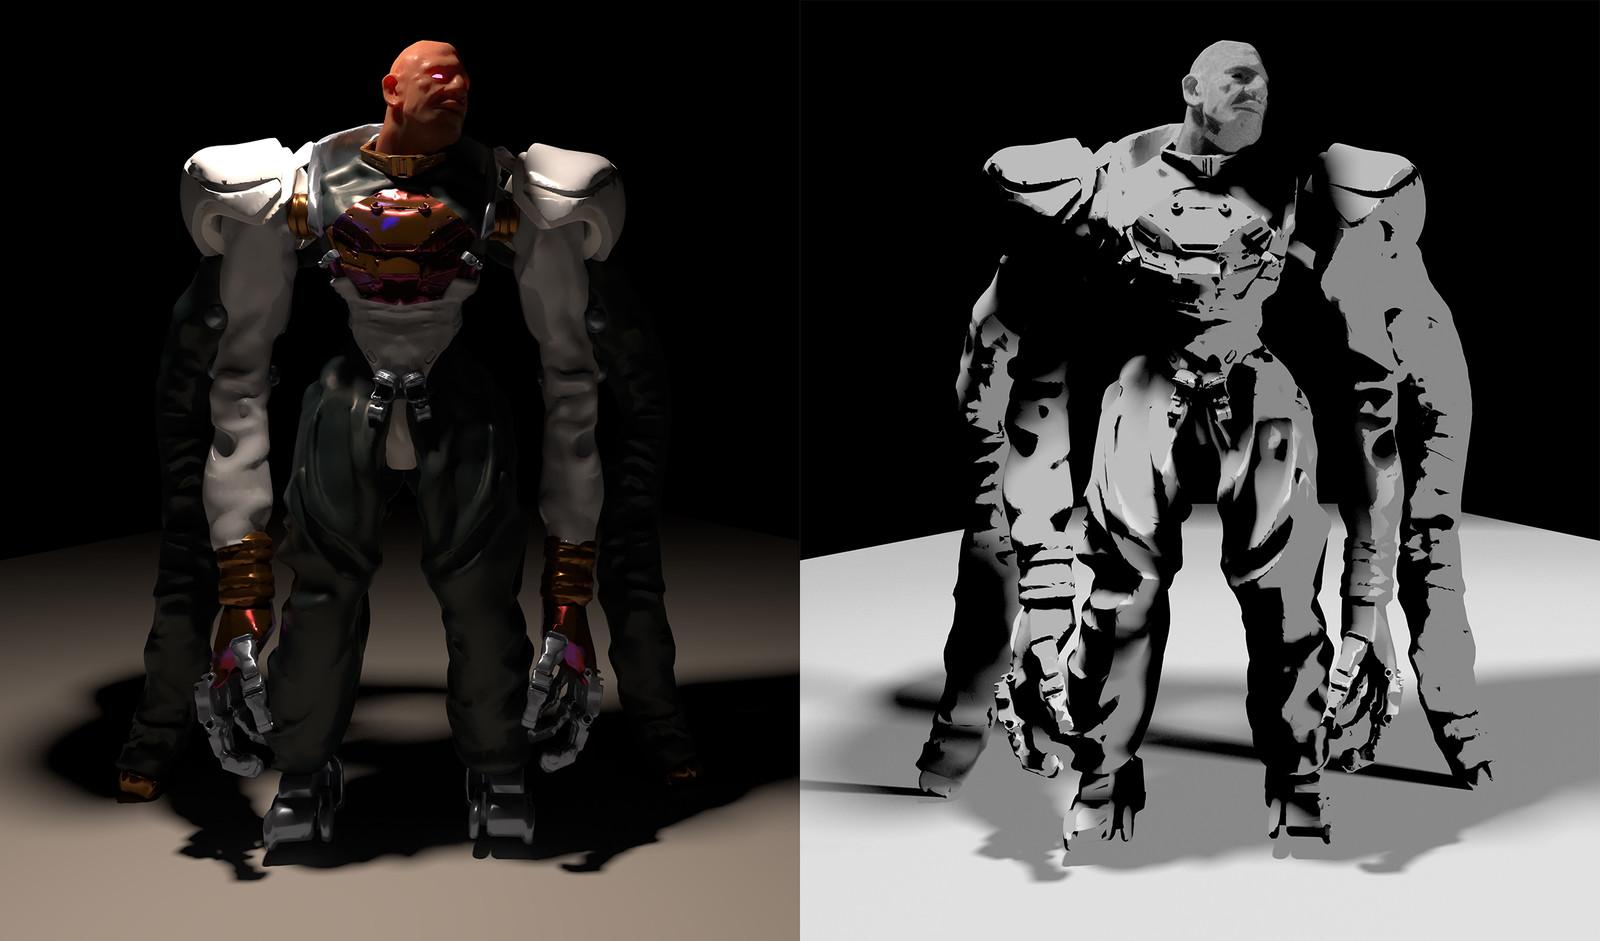 Character renders in Blender.